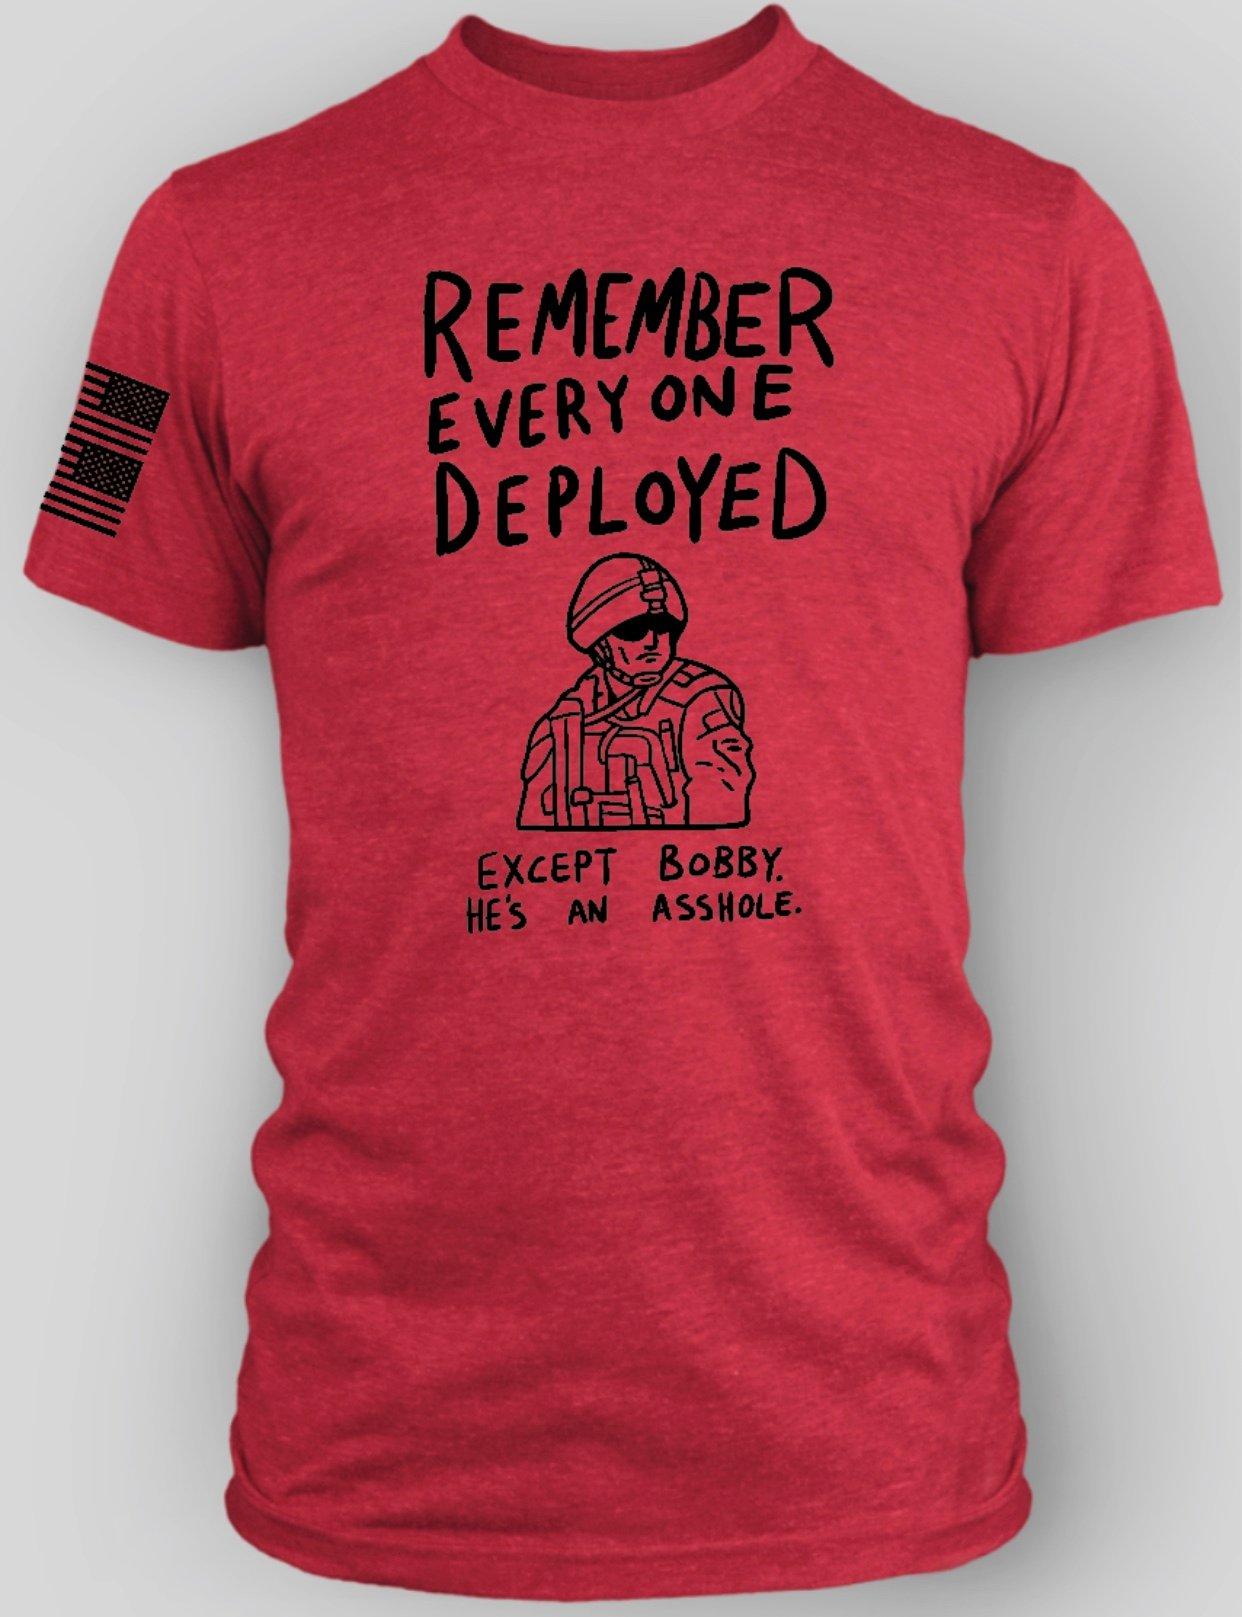 Image of R.E.D. (Except Bobby) T-Shirt